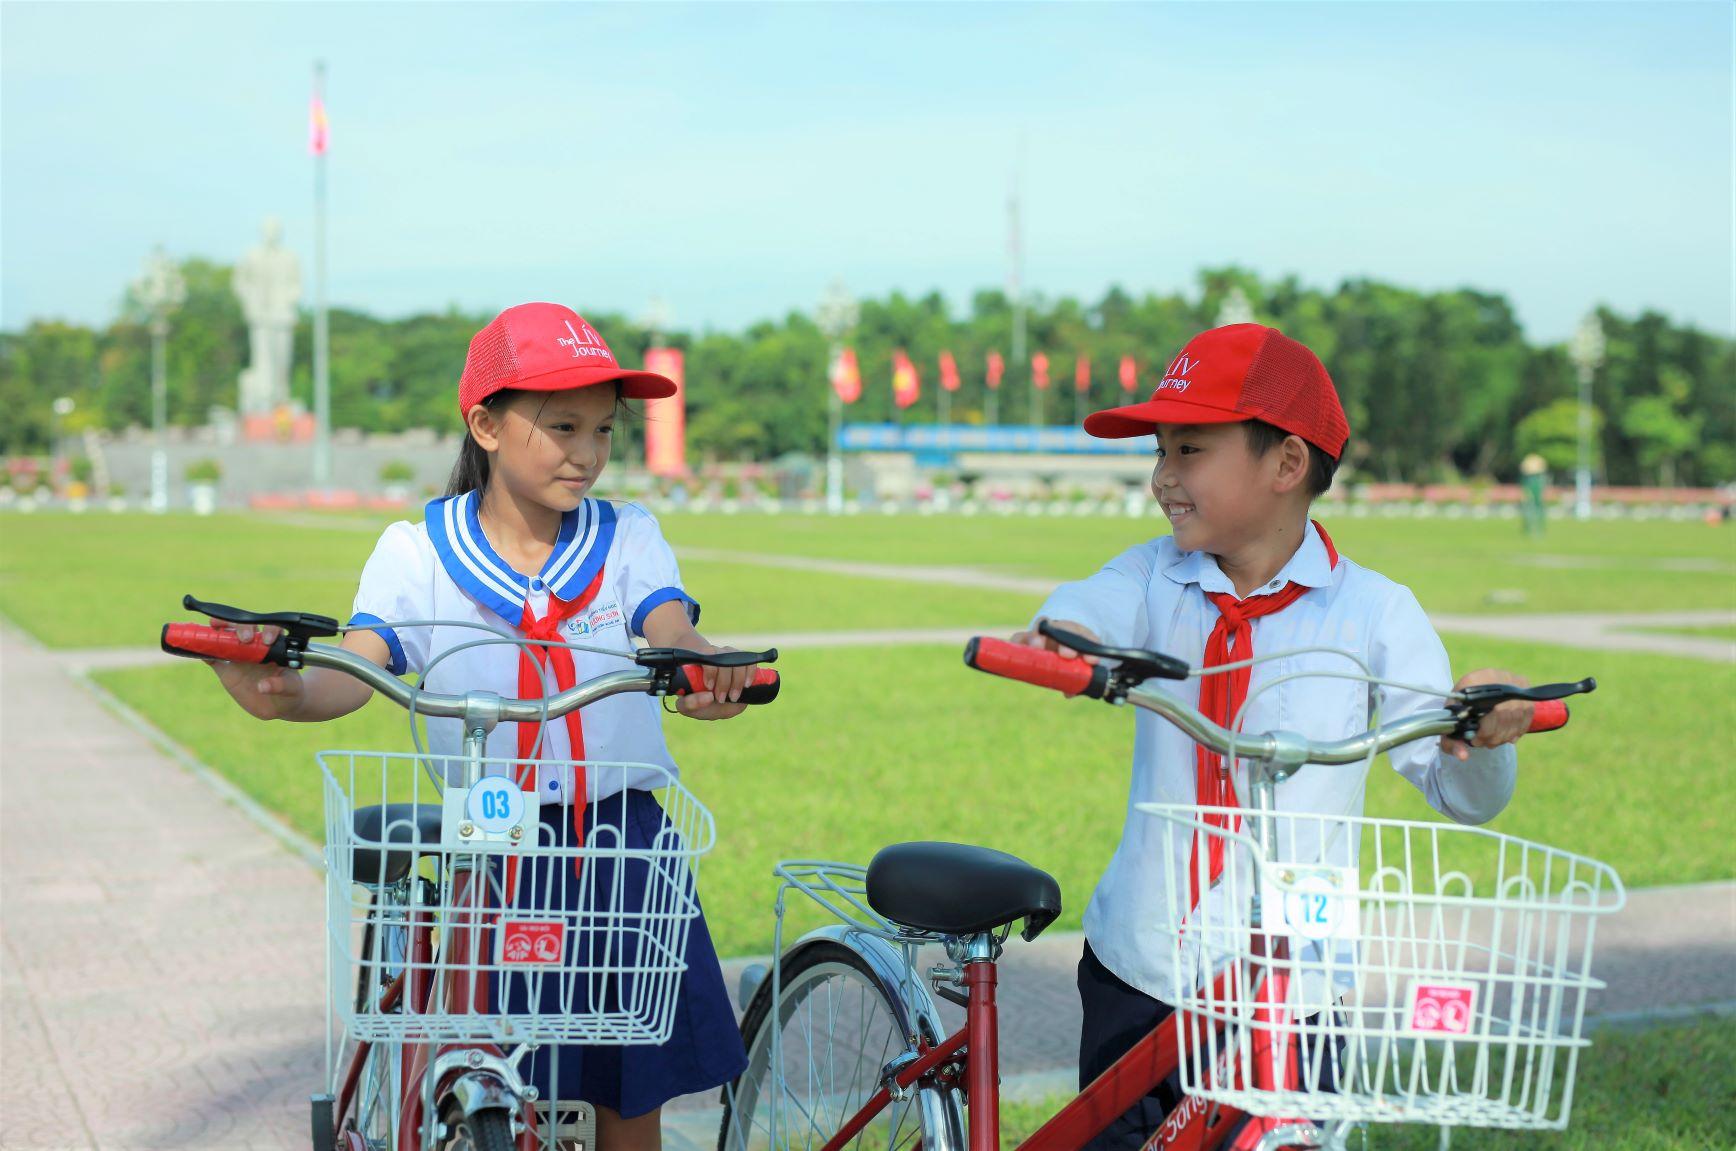 655 triệu đồng hỗ trợ trẻ em có hoàn cảnh khó khăn tỉnh Nghệ An